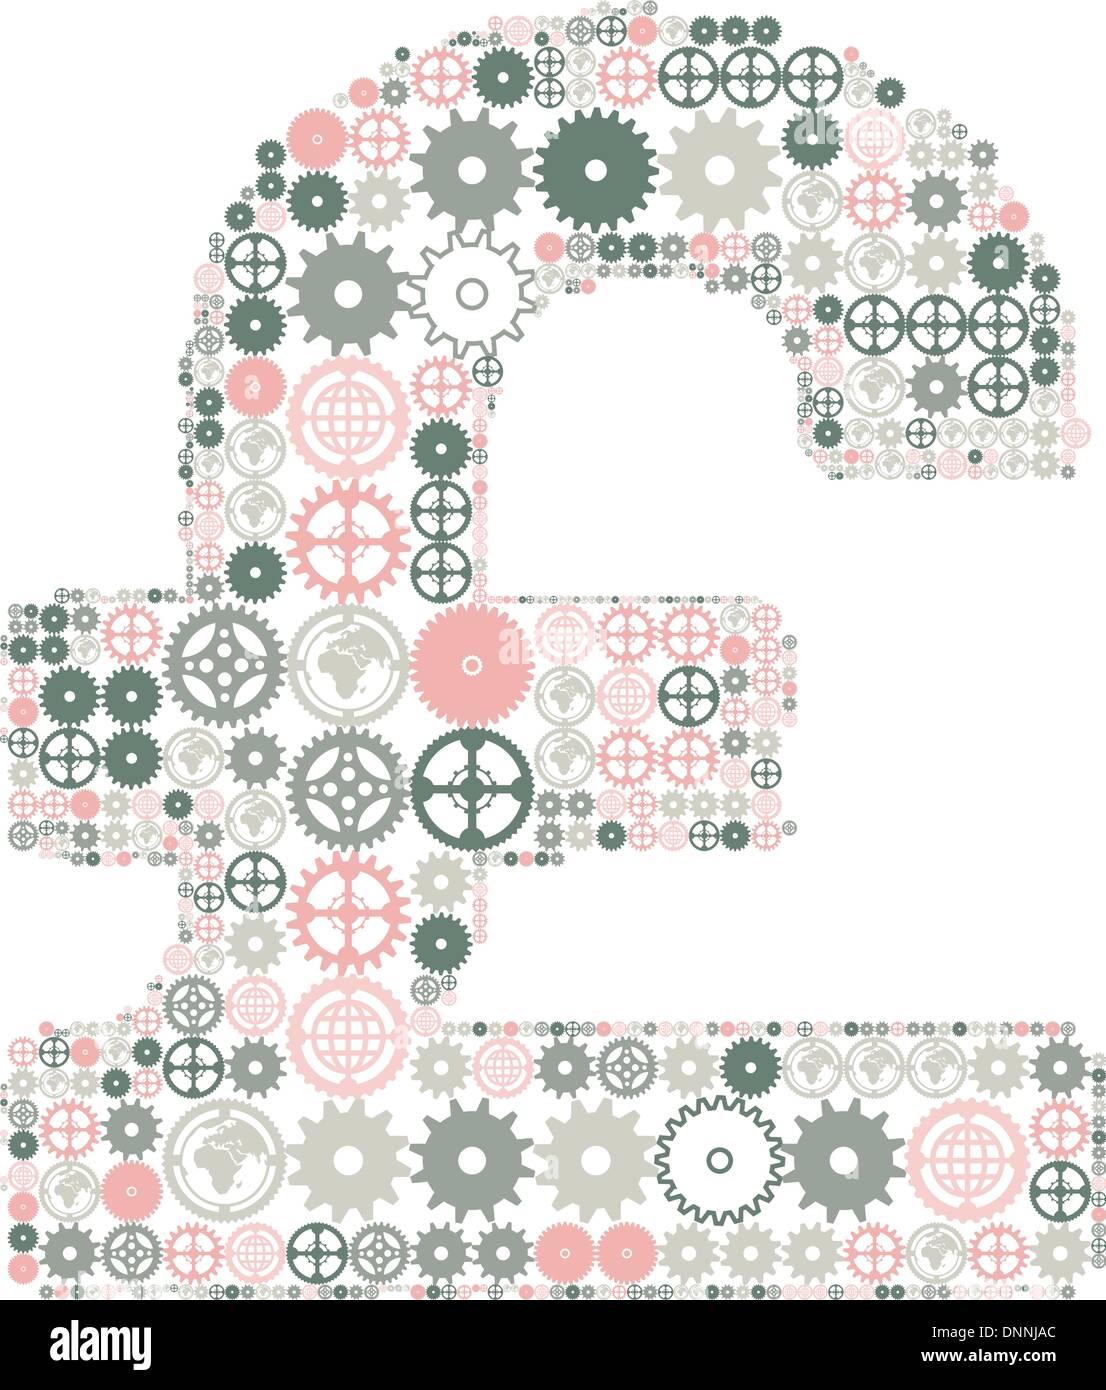 Sterlina britannica segno su uno sfondo bianco, fatta di ingranaggi colorati. Illustrazione Vettoriale Immagini Stock